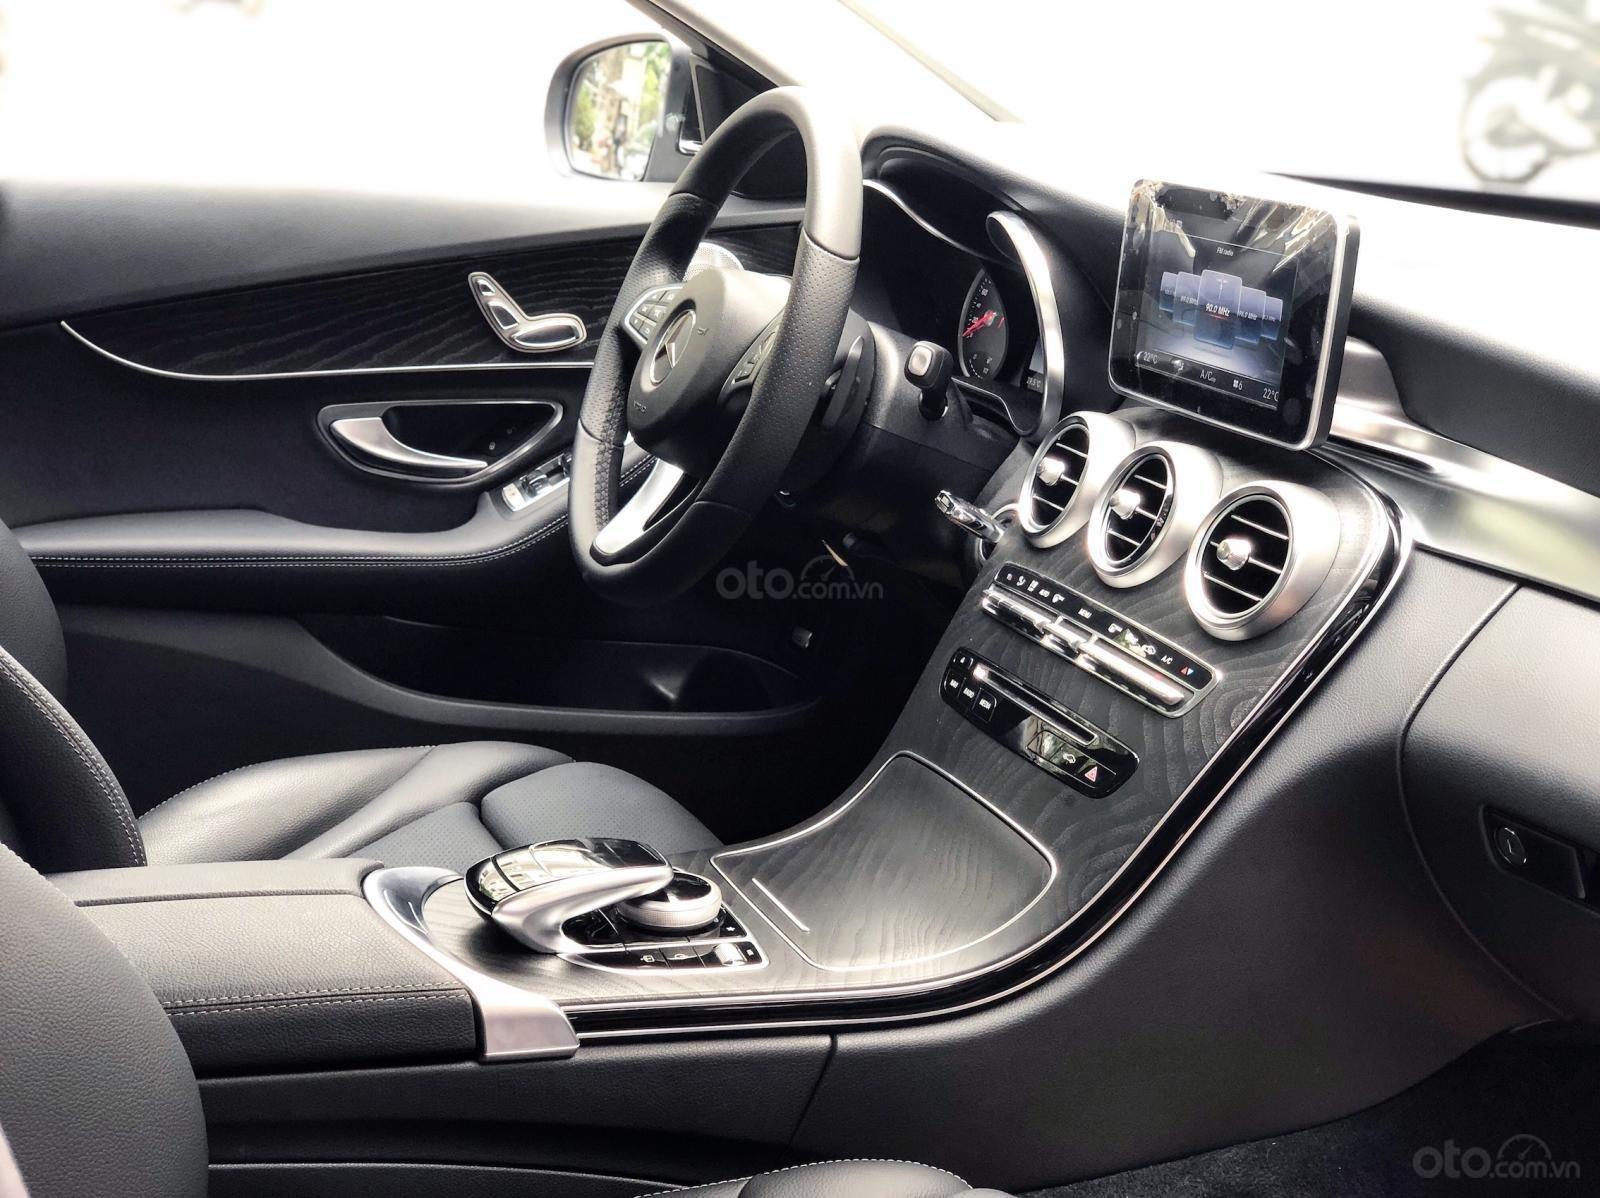 Bán Mercedes C200 2019 cũ - Xe đã qua sử dụng chính hãng (6)